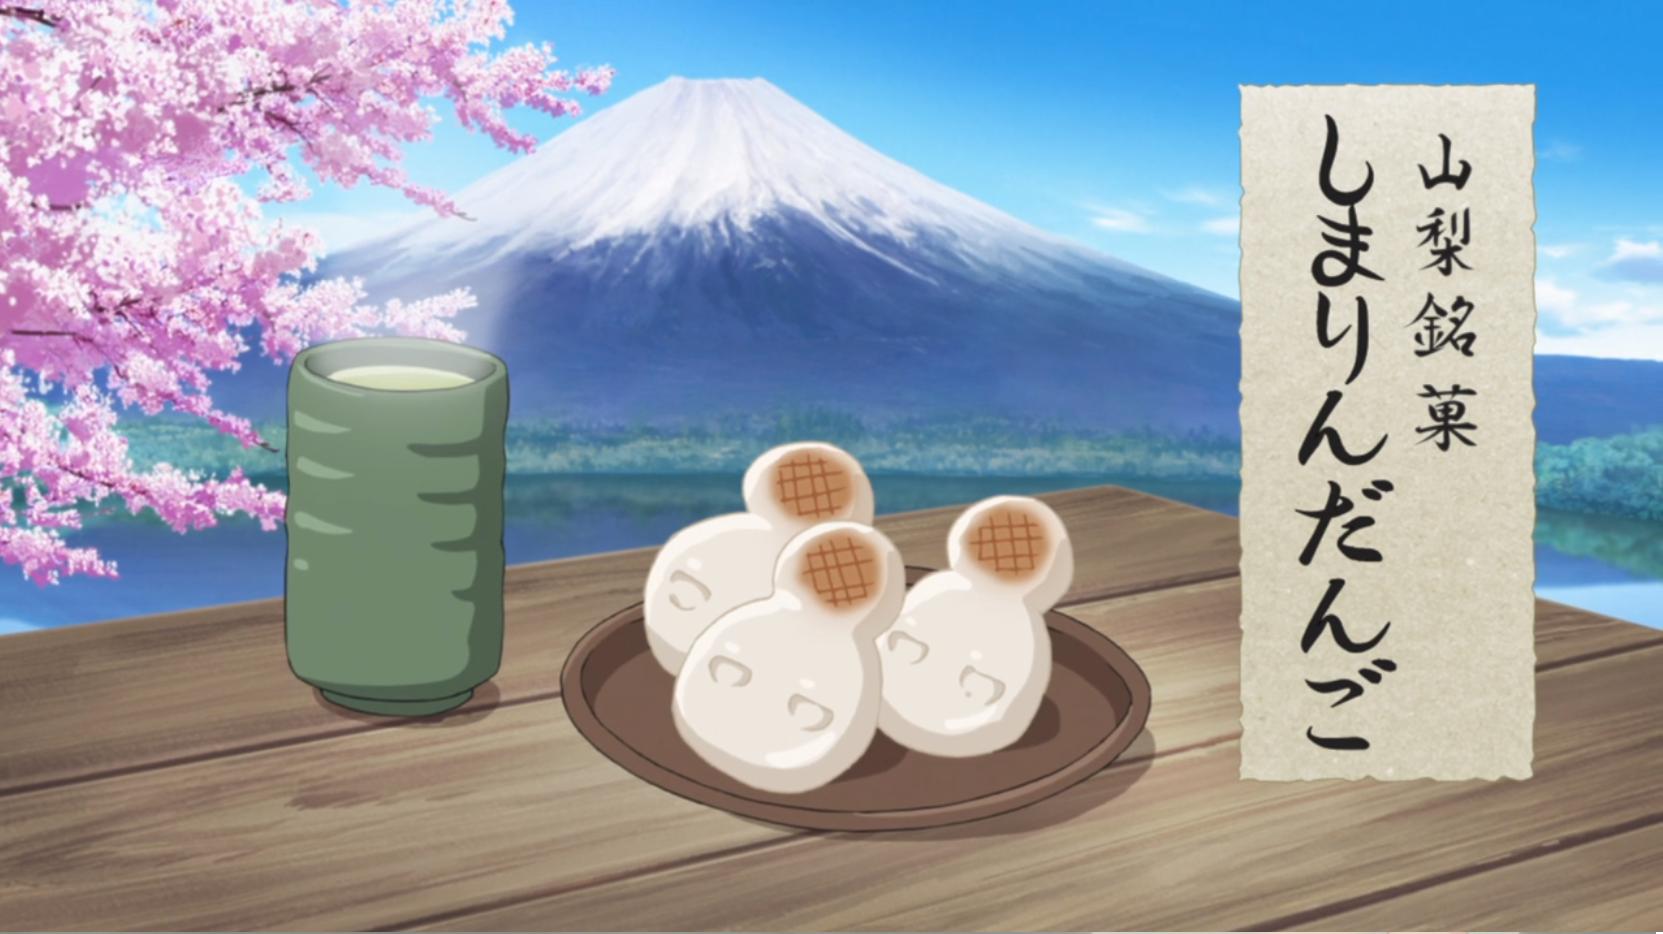 アニメ『ゆるキャン△』12話の朝霧高原キャンプ場での志摩りんだんご